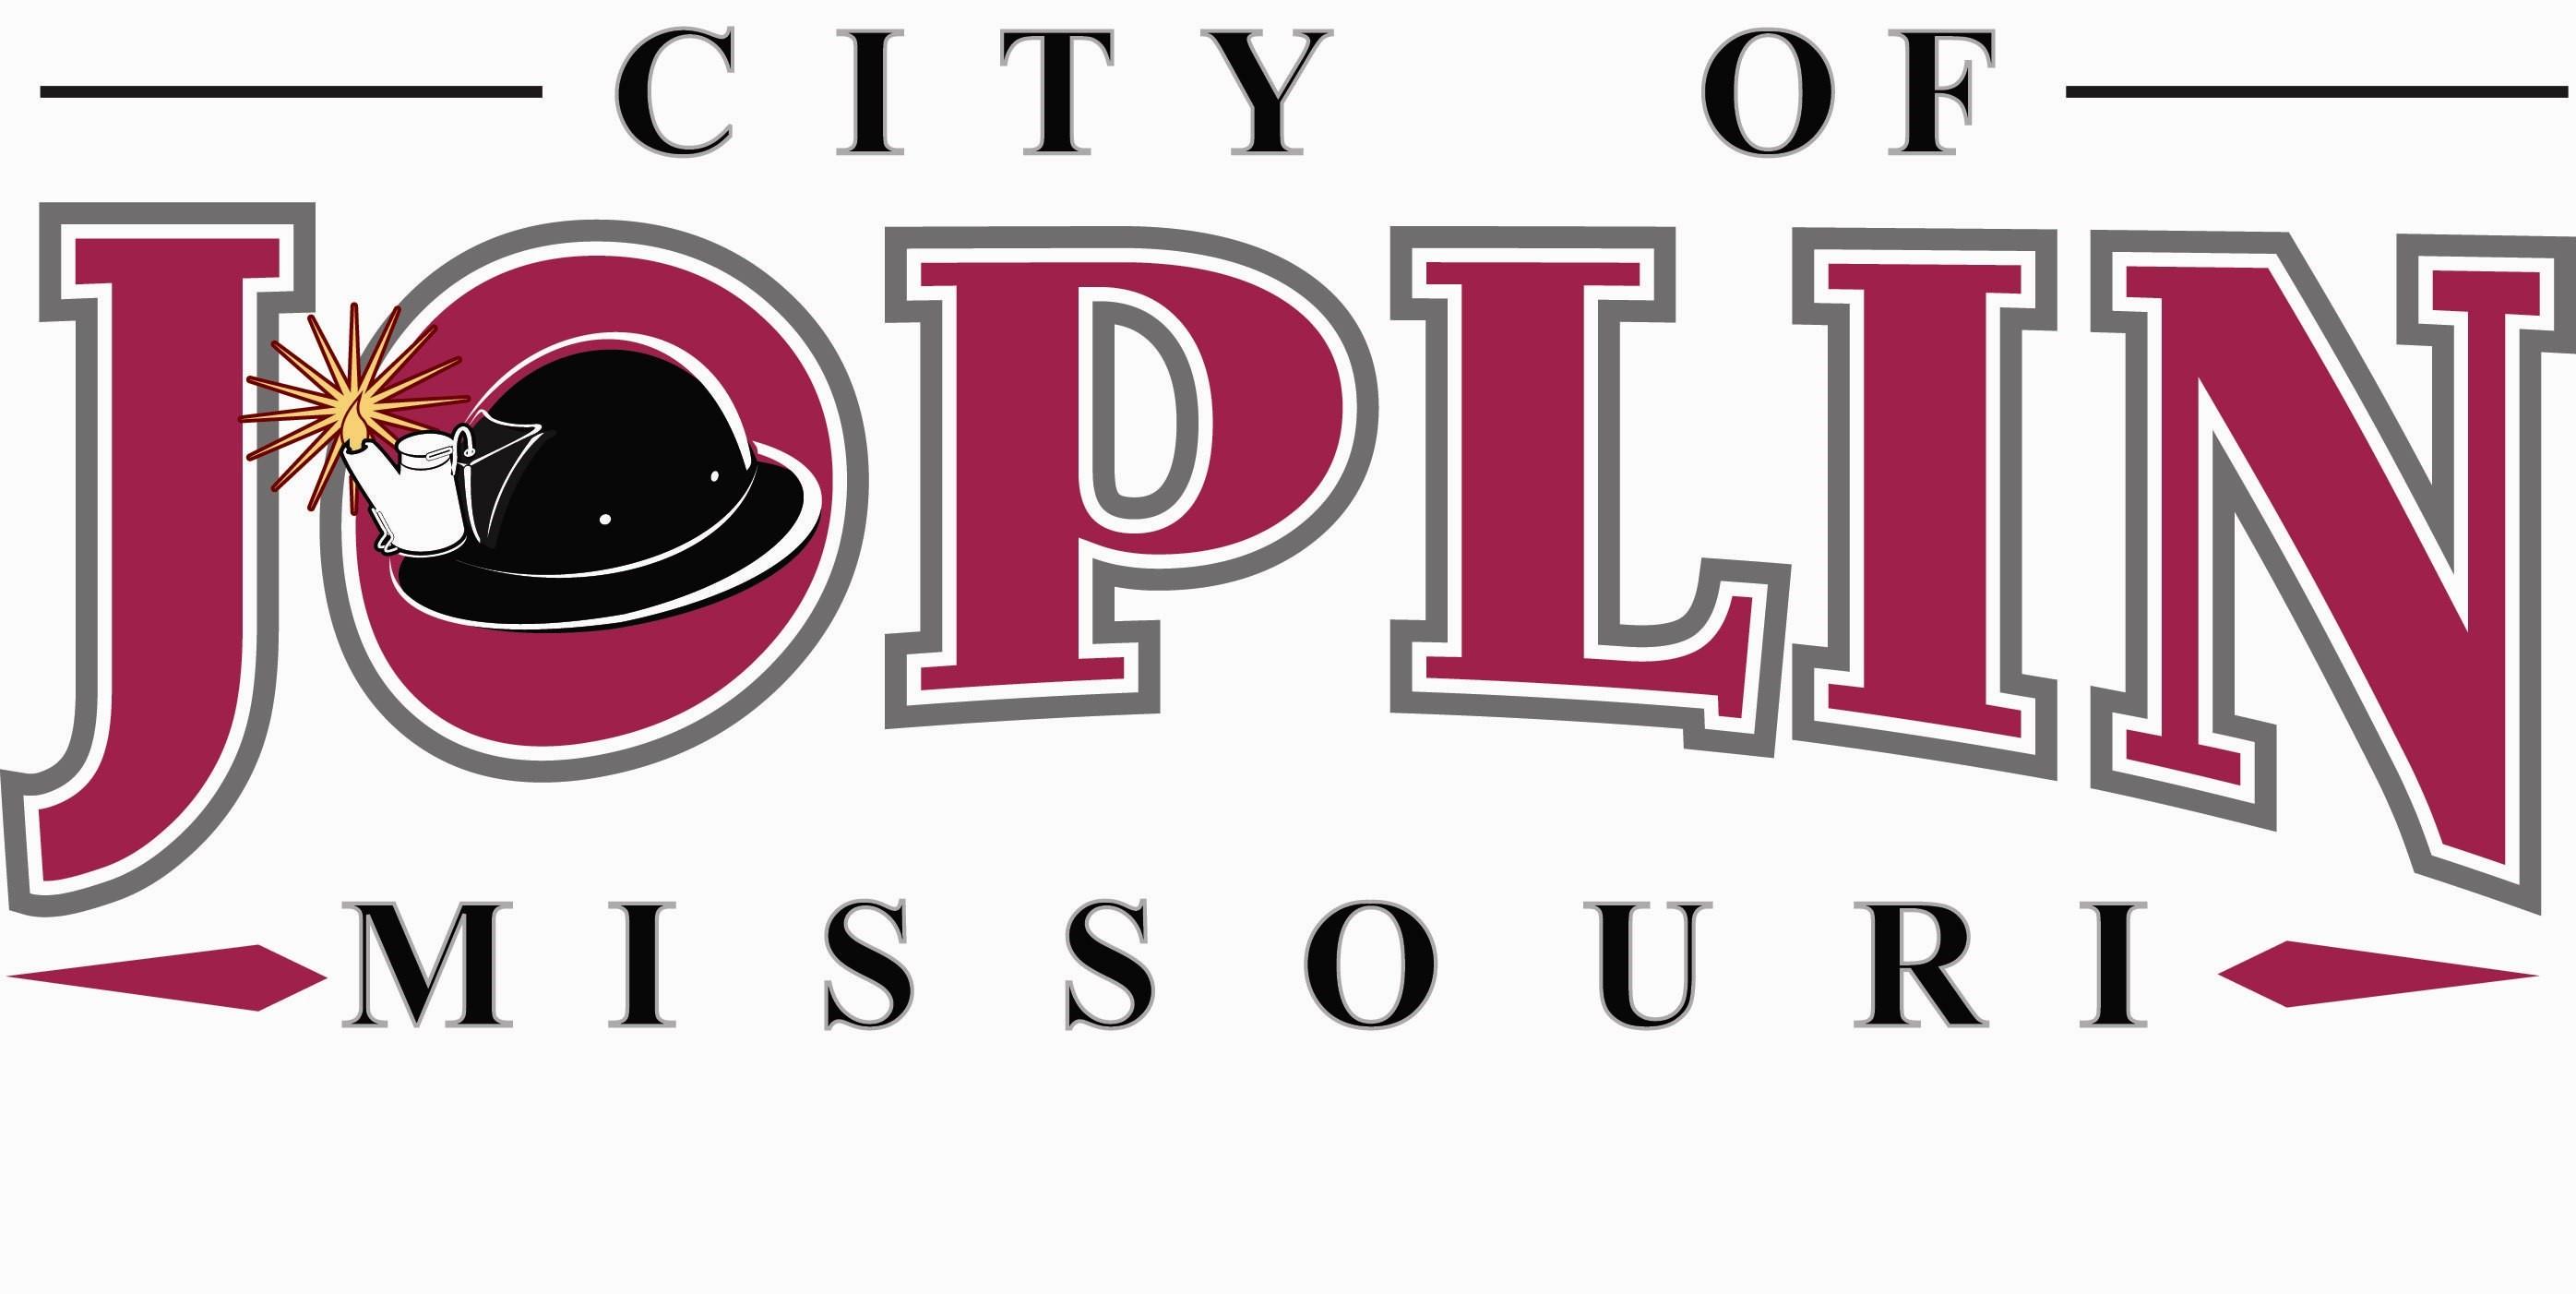 City of Joplin